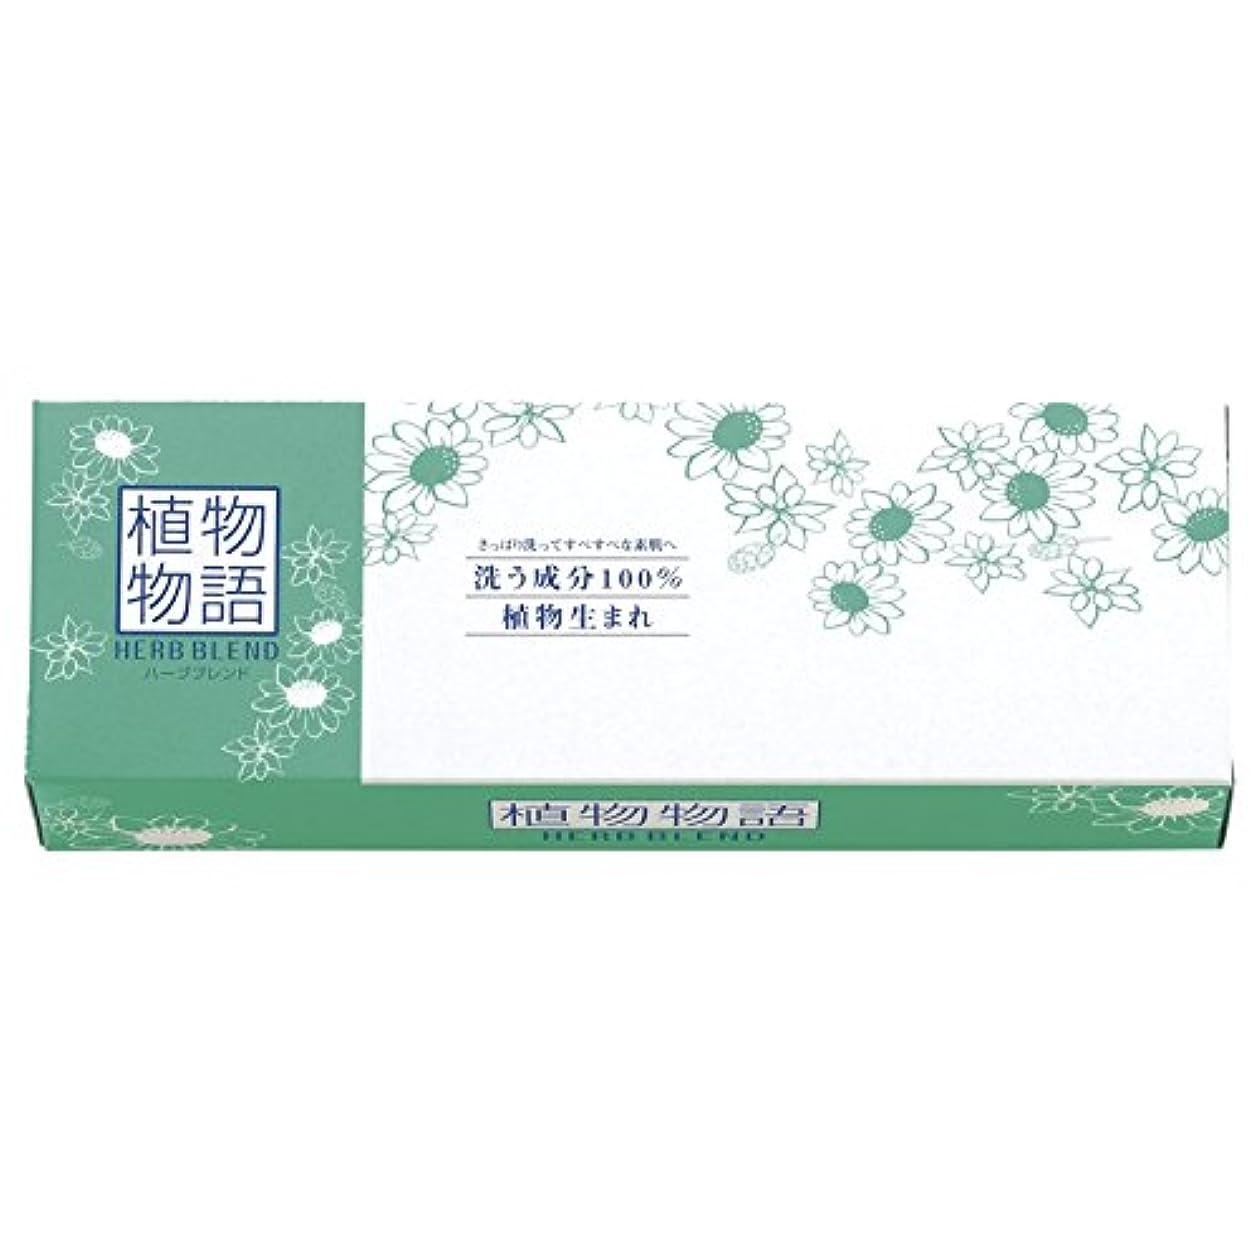 寄付する発行運動ライオン 植物物語ハーブブレンド化粧石鹸2個箱 KST802 【粗品 天然素材 ハーブ 2個 固形石鹸 からだ用 ハーブ 優しい お風呂 こども やさしい 石けん せっけん】